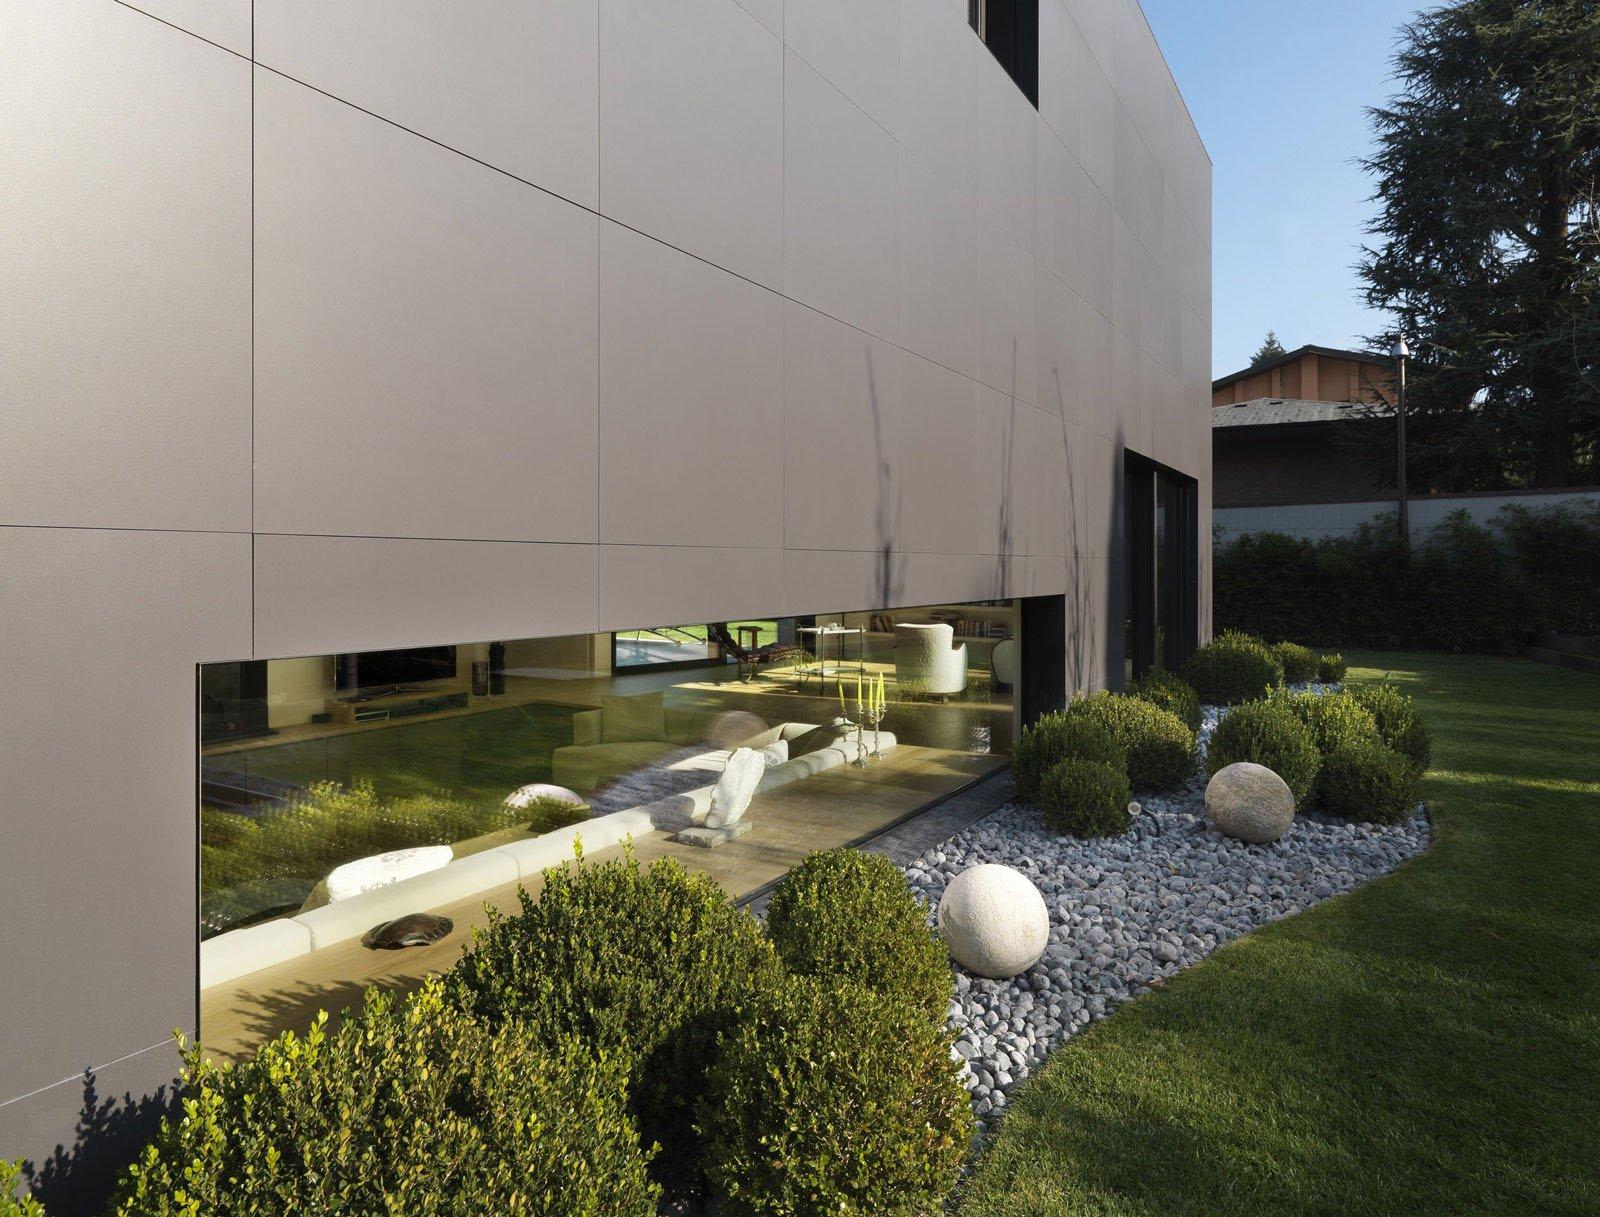 Ландшафтный дизайн цветника (57 фото): оформление участка с домом своими руками, как оформить сад возле бани, виды цветников